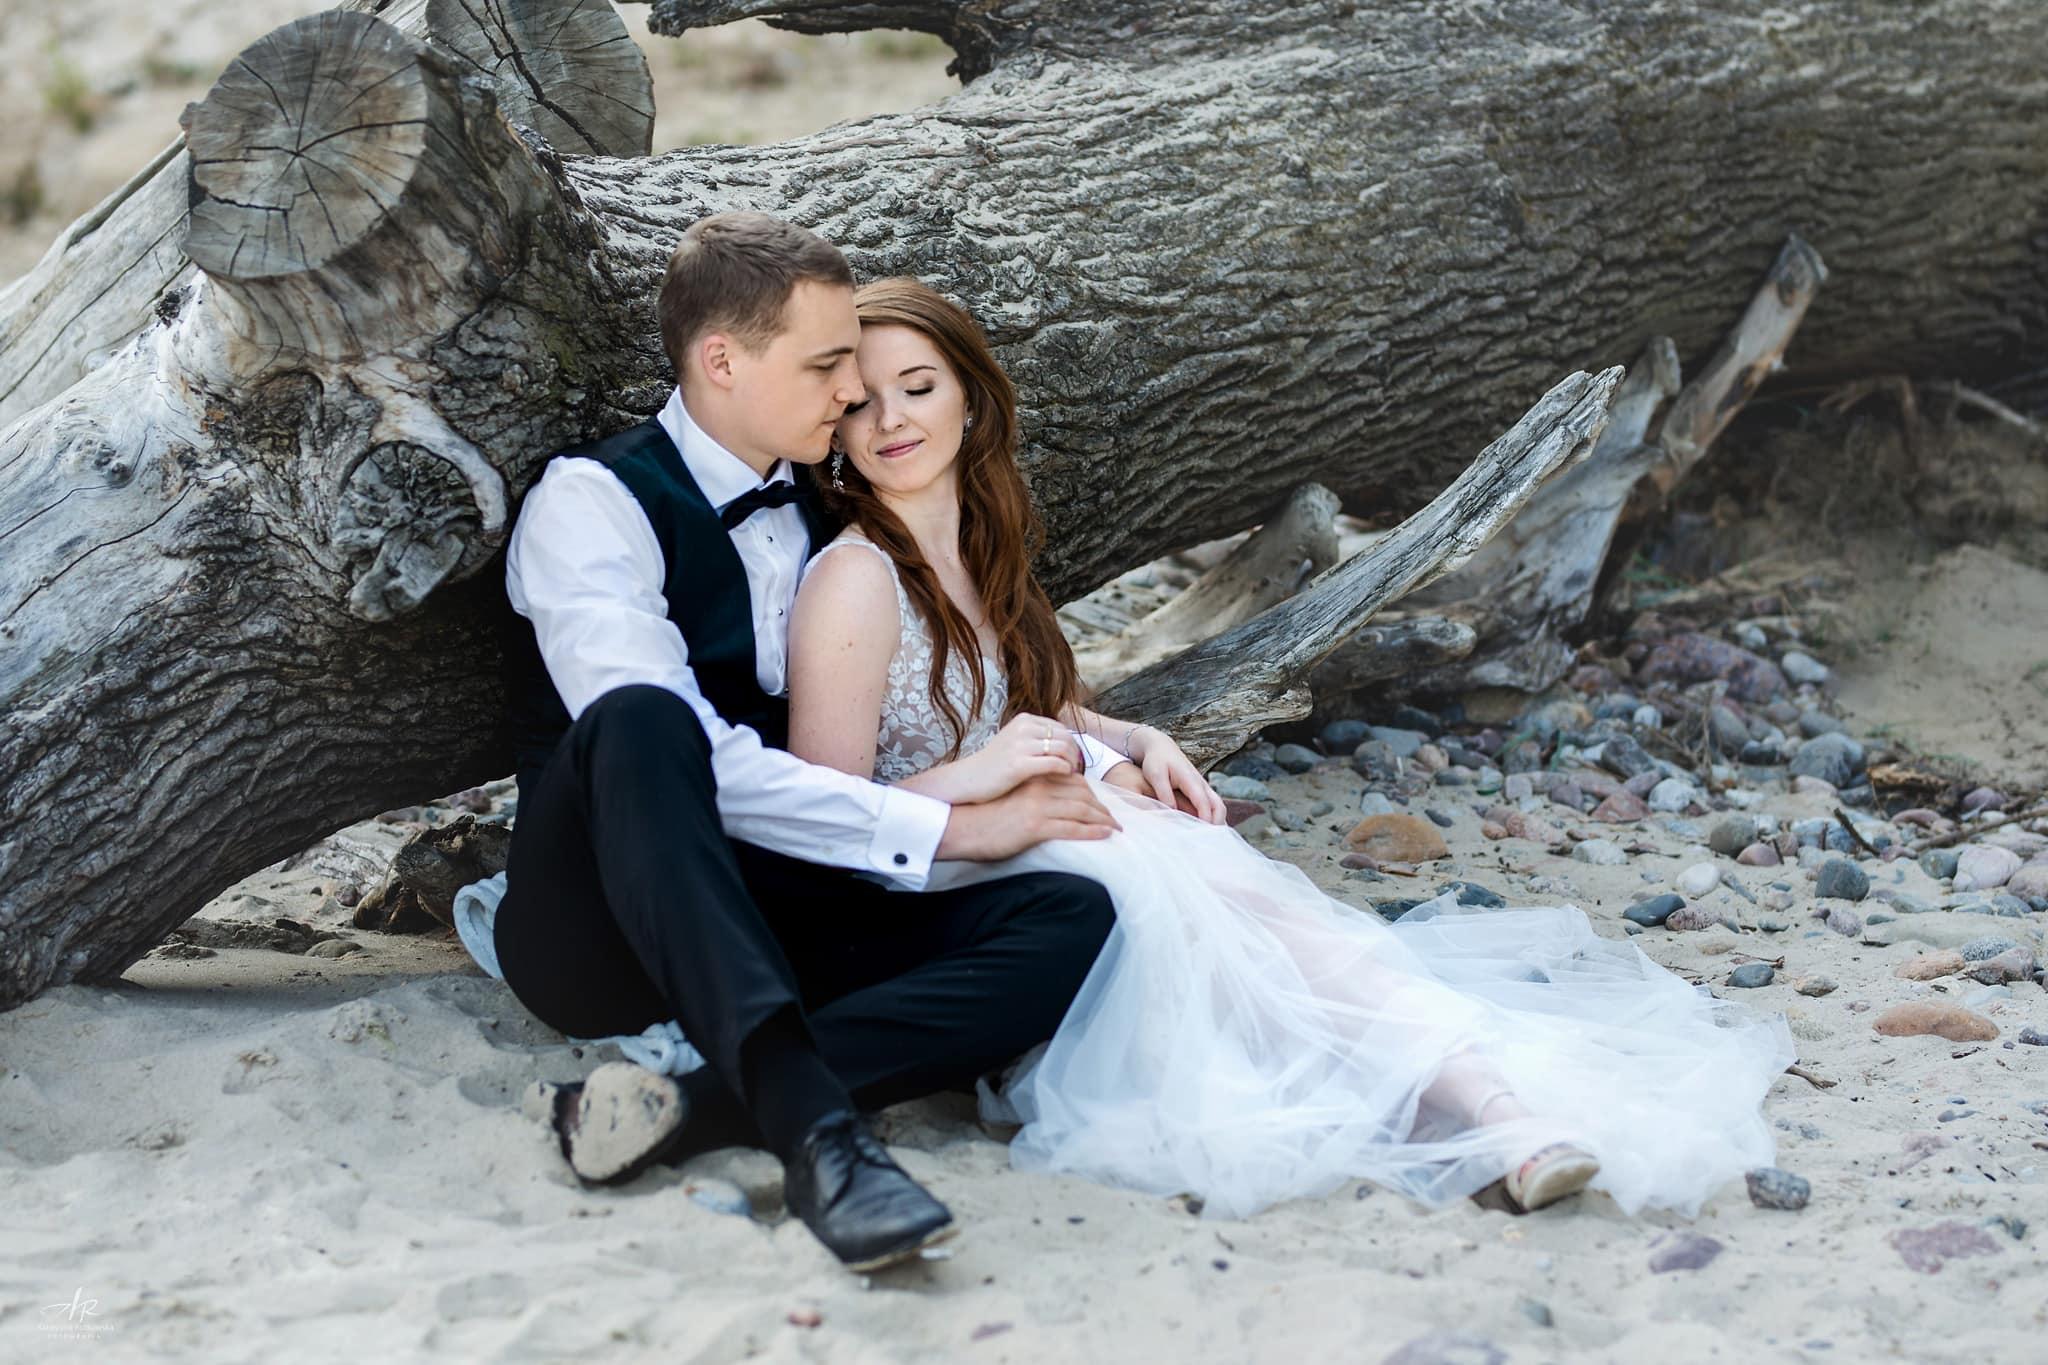 Sesja ślubna - Zdjęcia na plaży